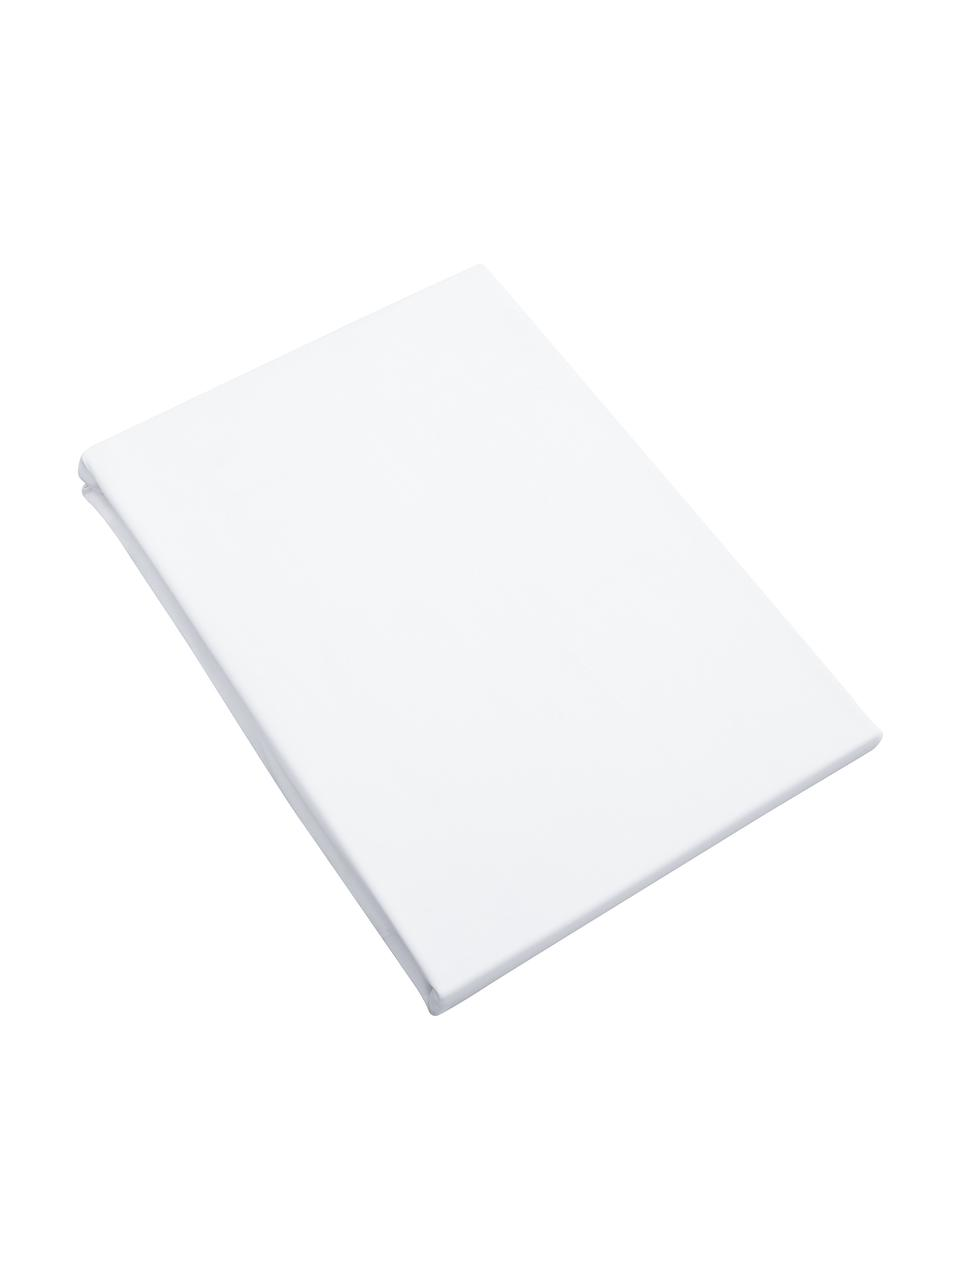 Hoeslaken Premium van biokatoen in wit, satijn, Weeftechniek: satijn Draaddichtheid 400, Wit, 180 x 200 cm